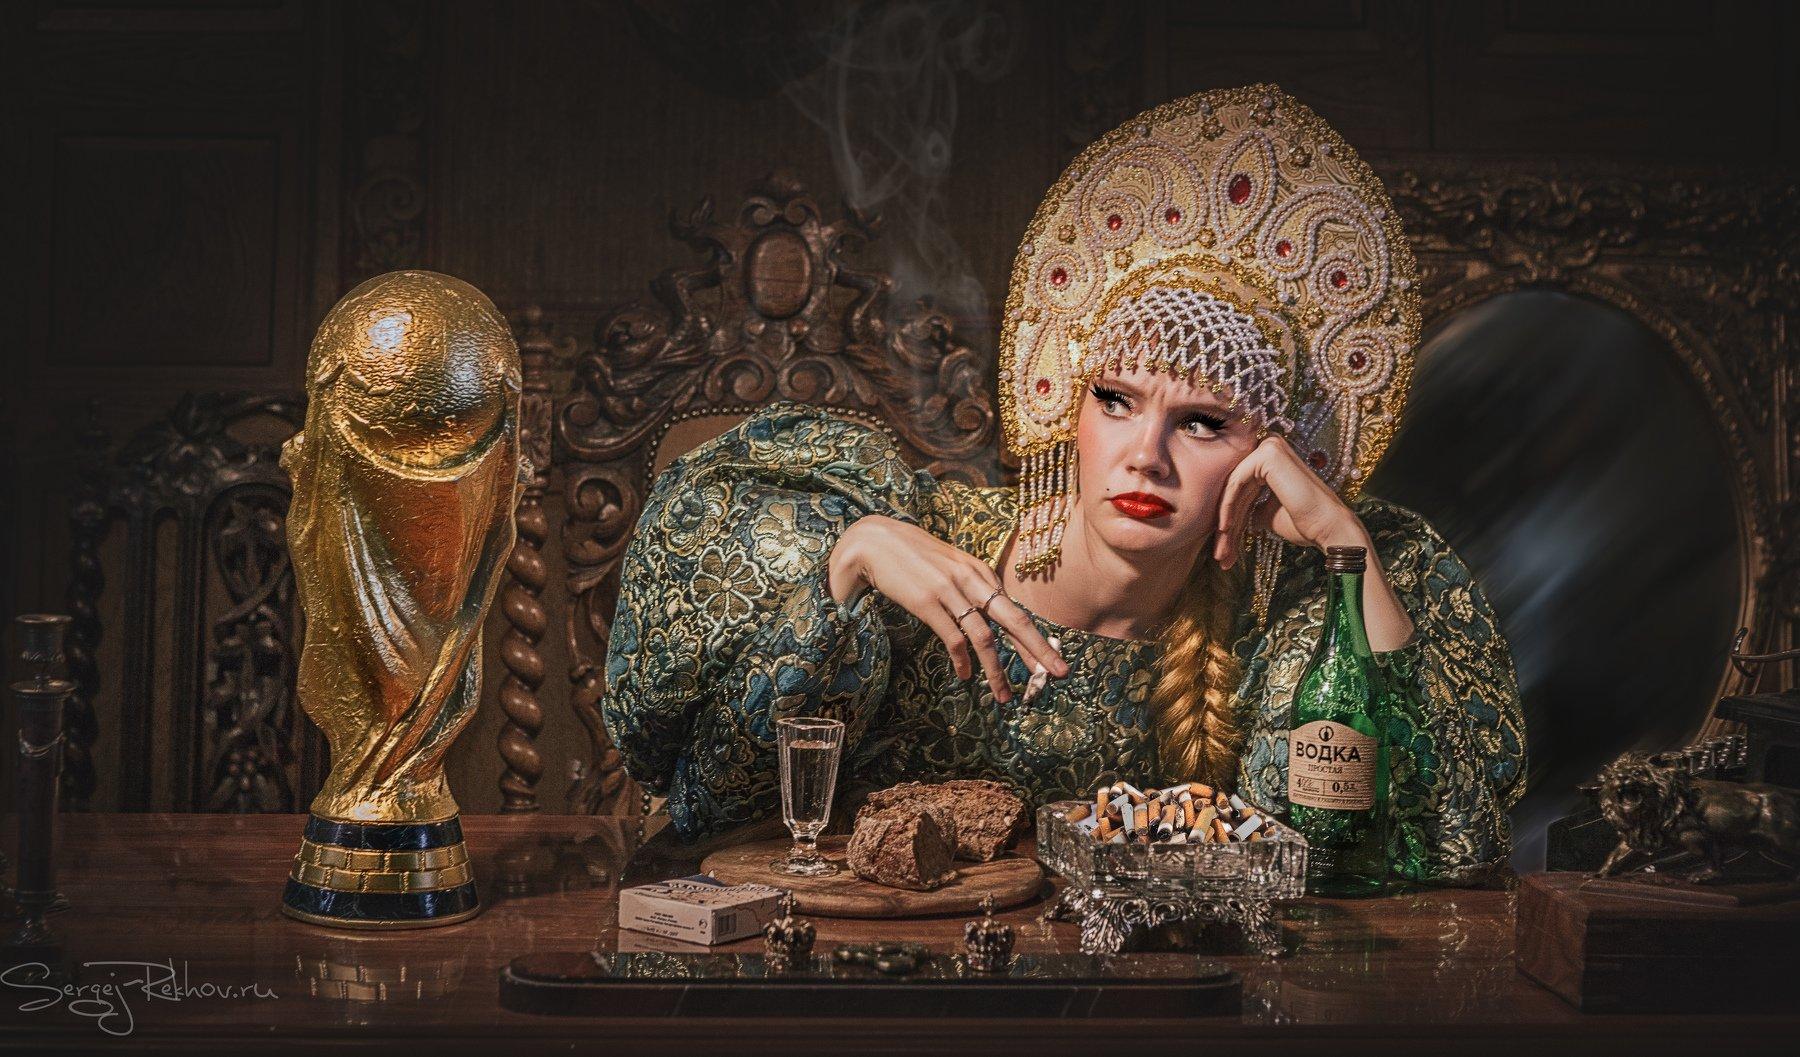 футбол, игра, спорт, кубок, печаль, Сергей Рехов